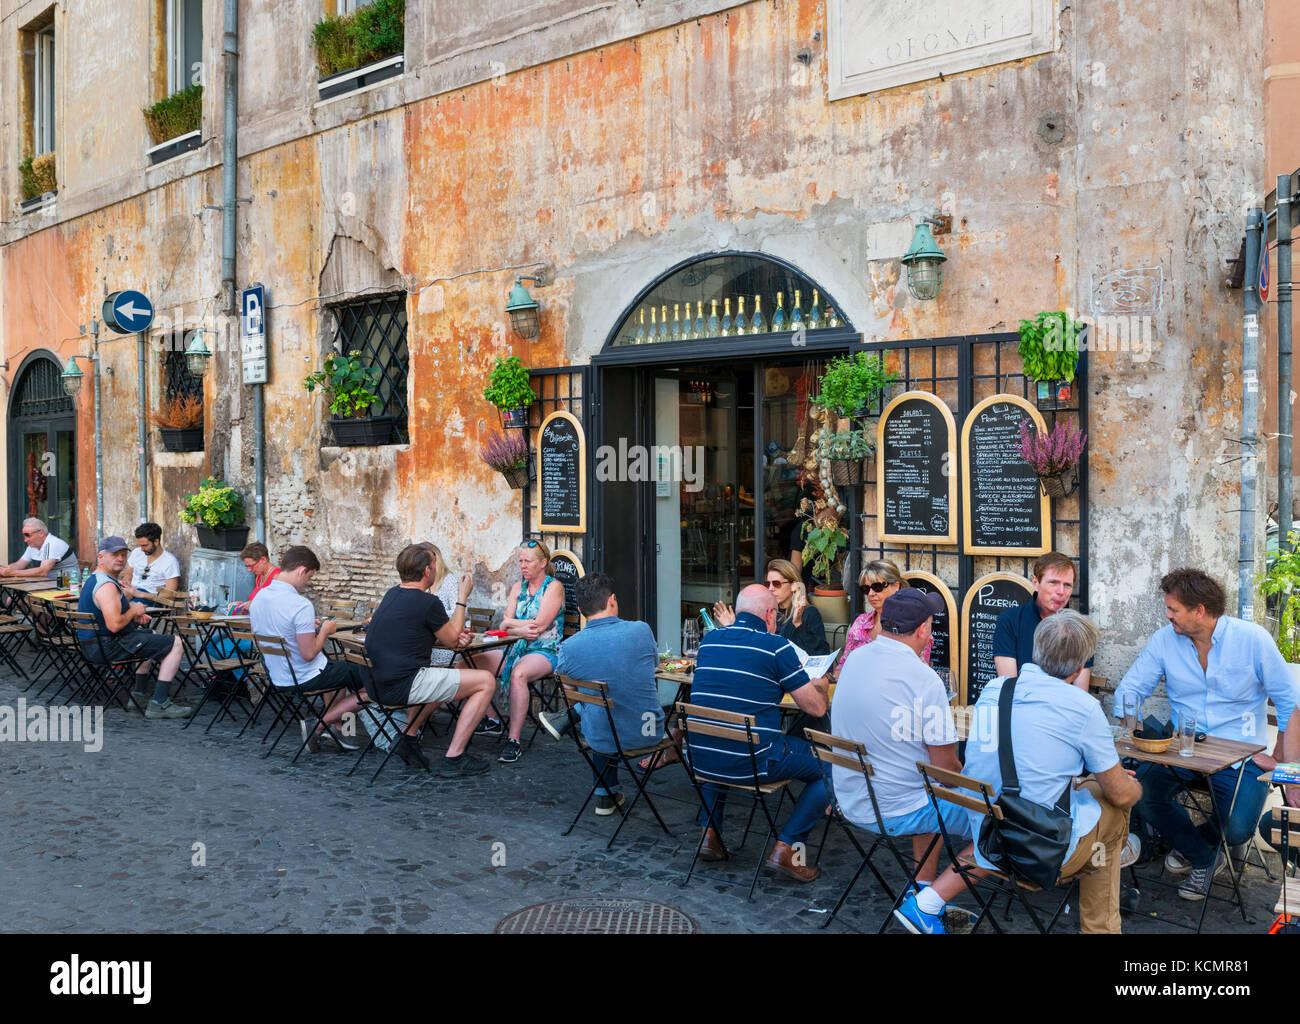 Sidewalk Cafe auf der Piazza Dei Coronari im historischen Zentrum, Rom, Italien Stockbild